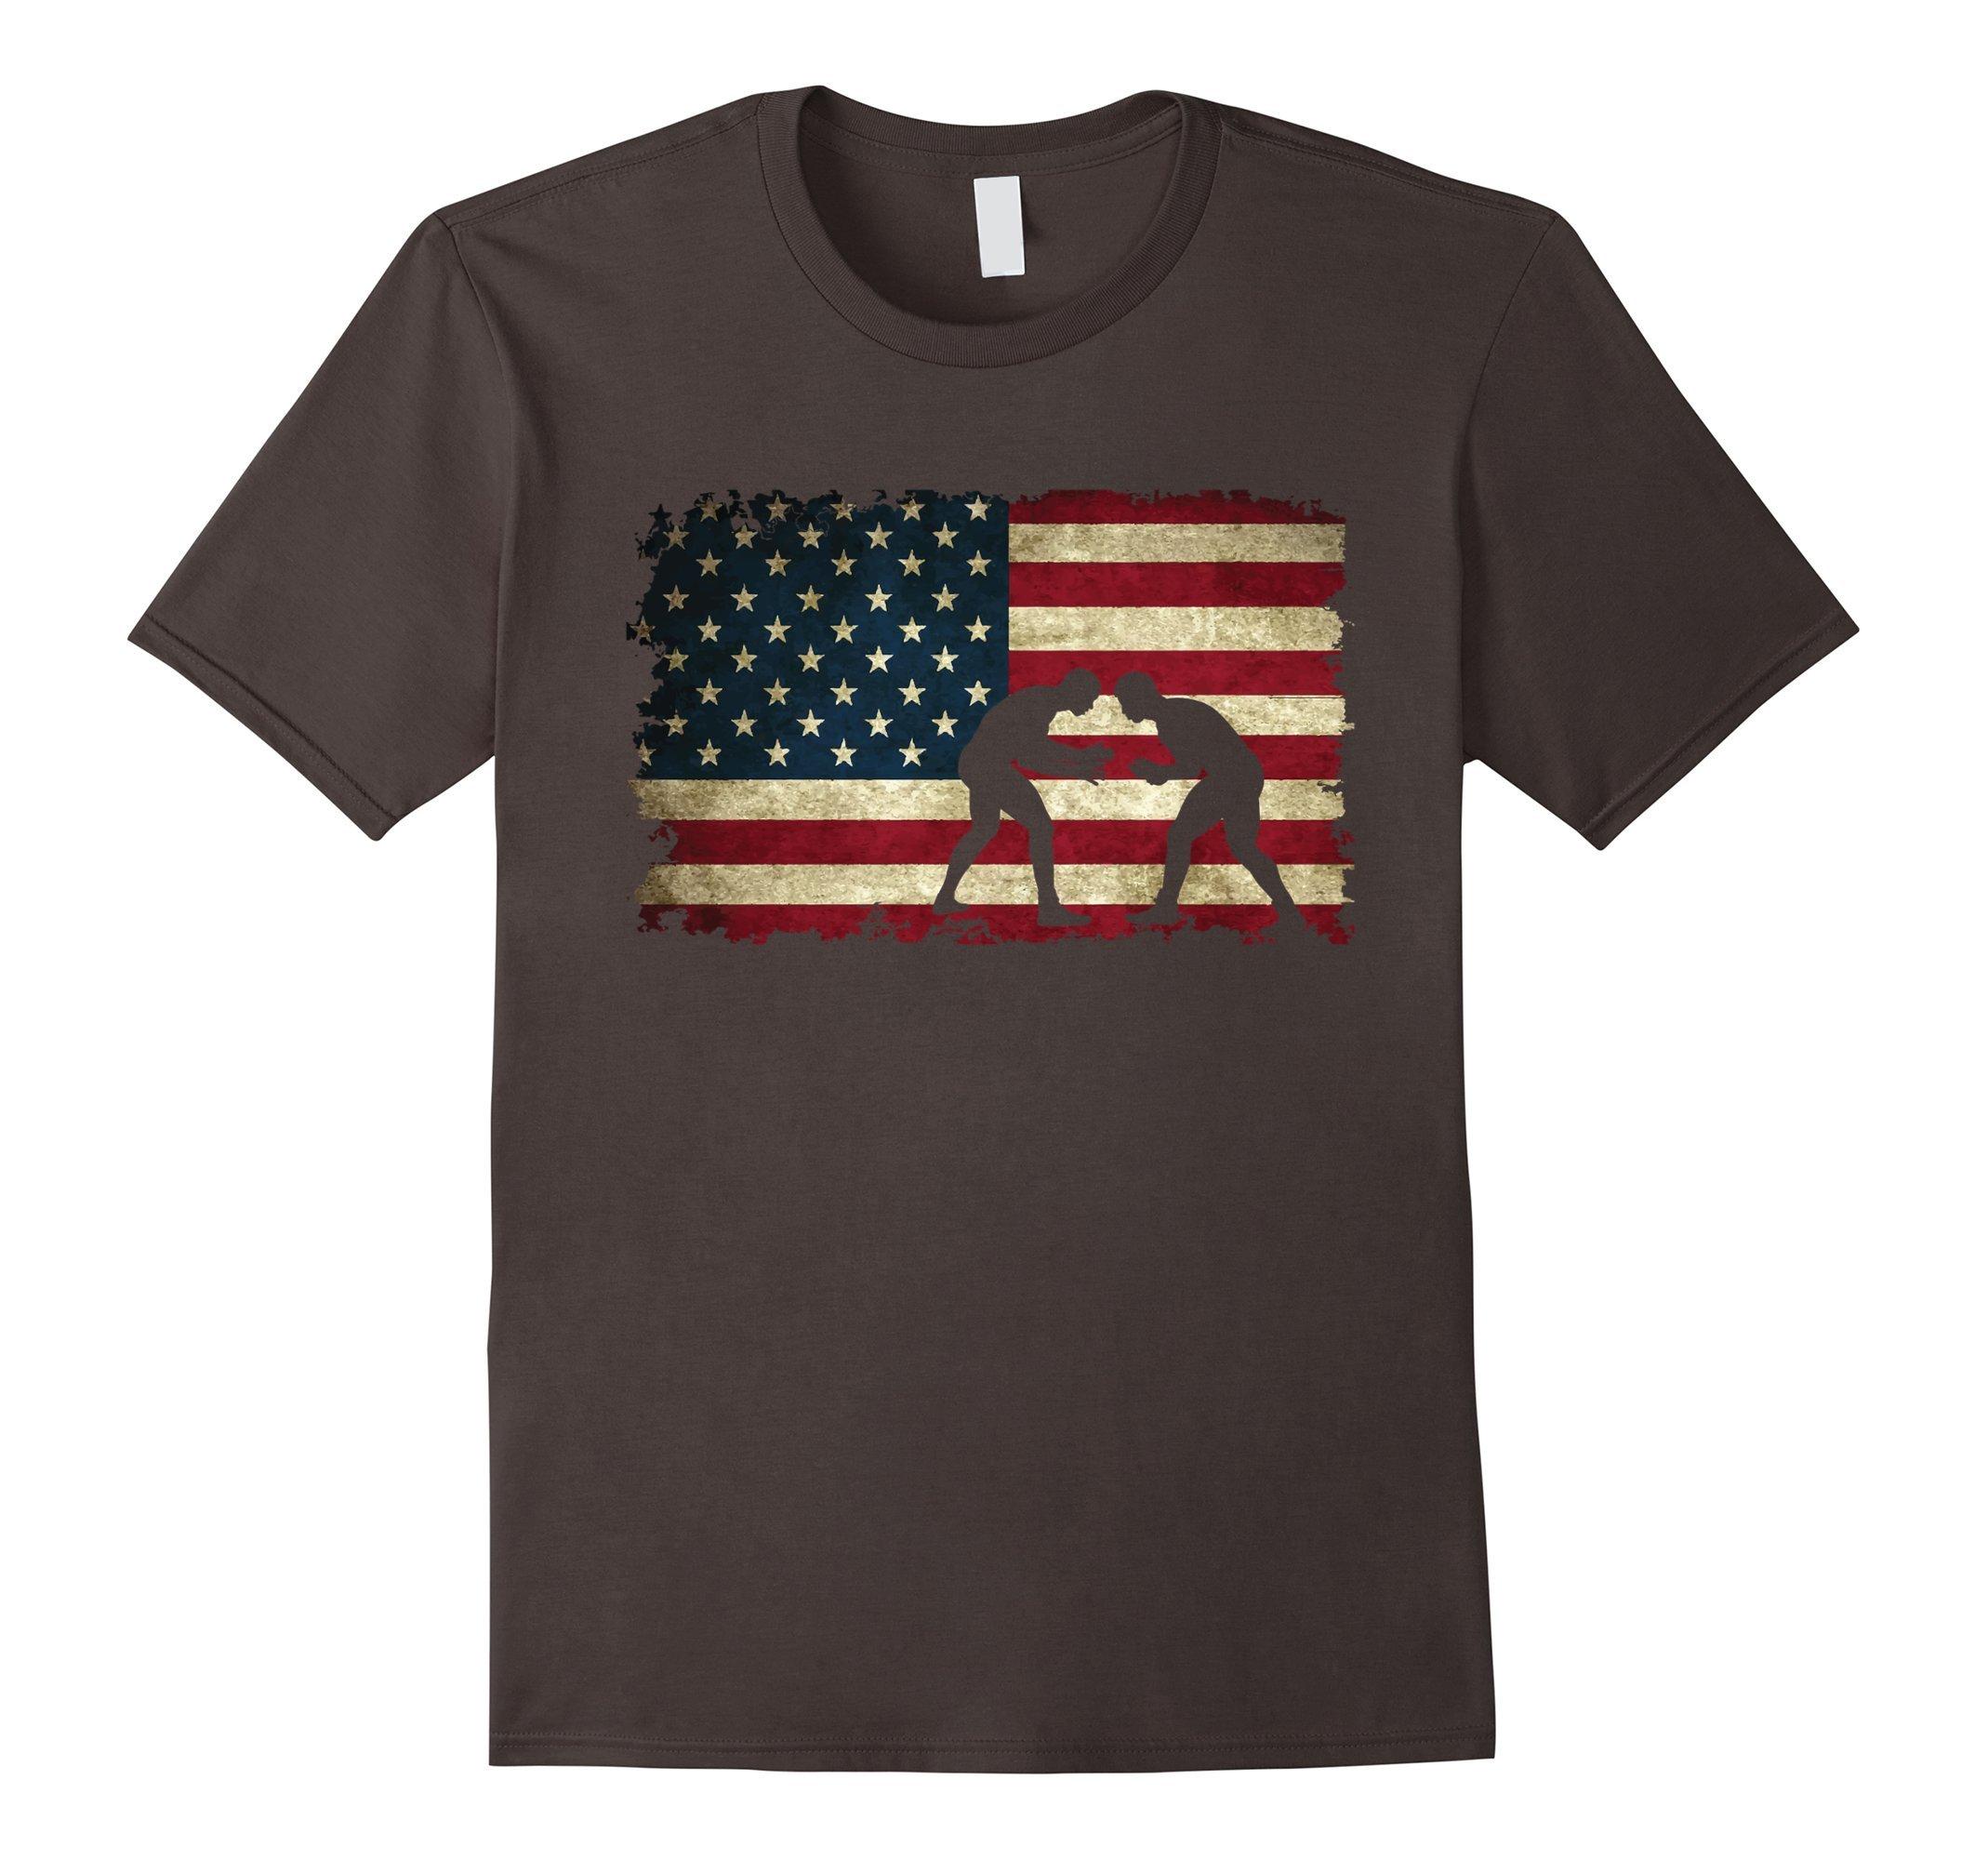 Mens Wrestling American Flag Tee Shirts Gift for a Wrestler Small Asphalt